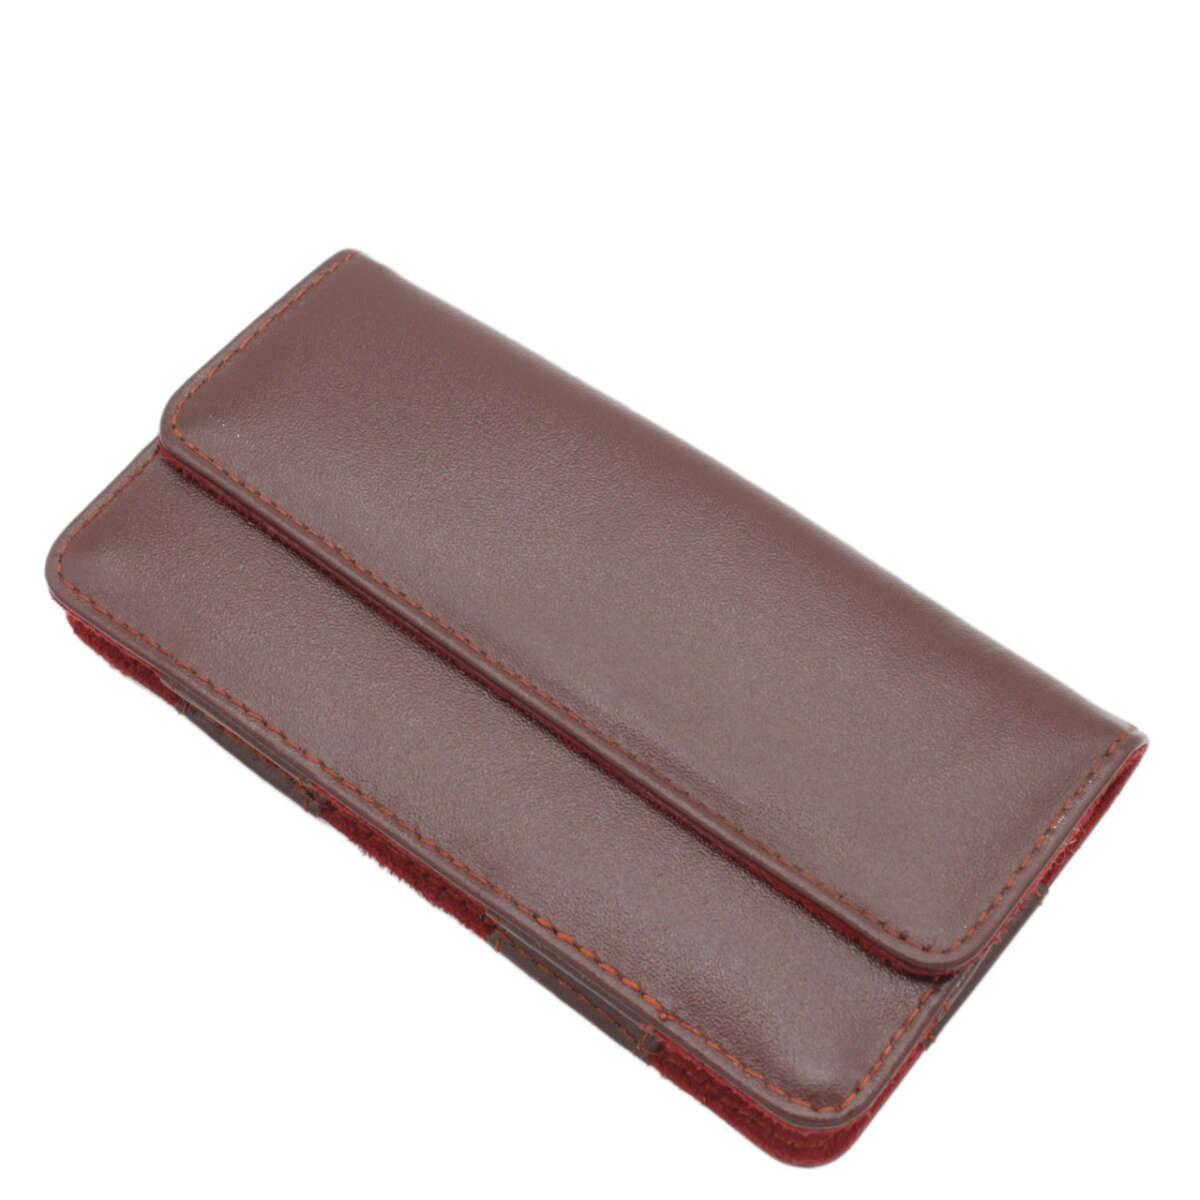 Bao điện thoại đeo lưng iphone 6/7/8 da bò B1001a